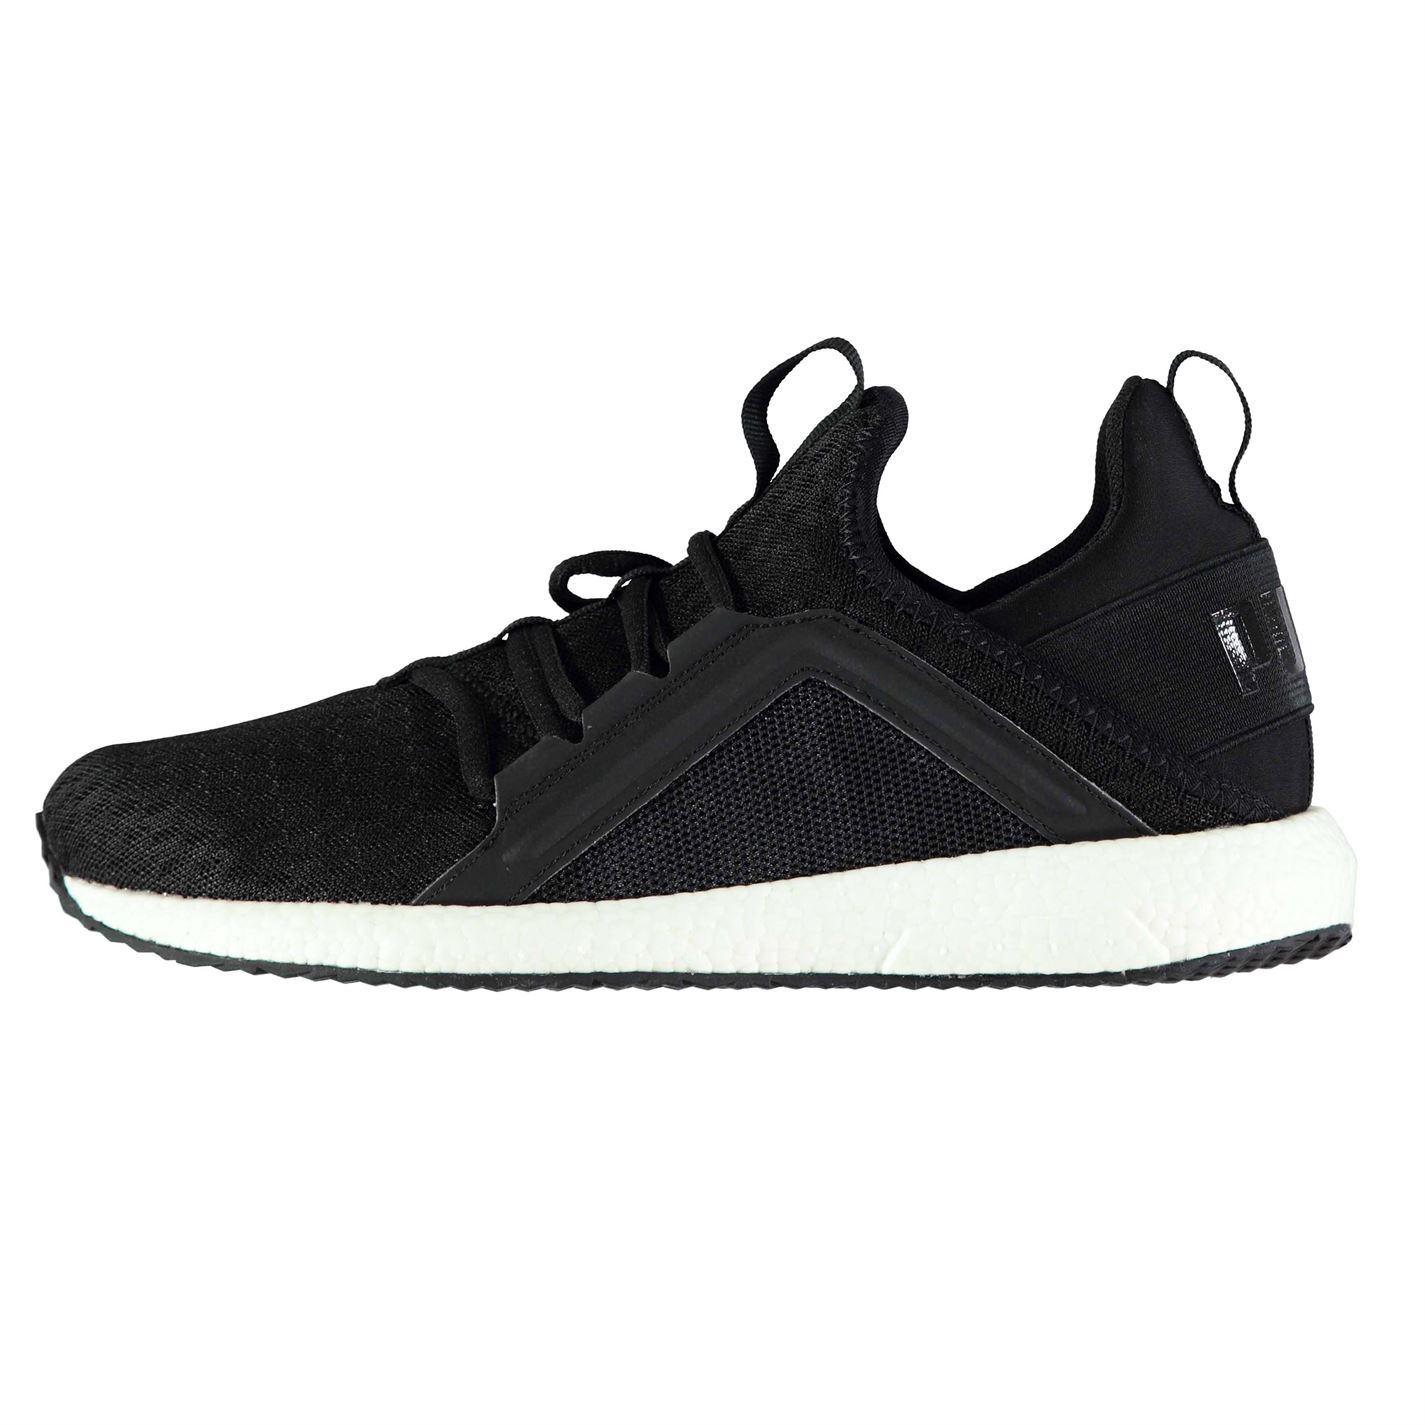 scarpe puma soft foam